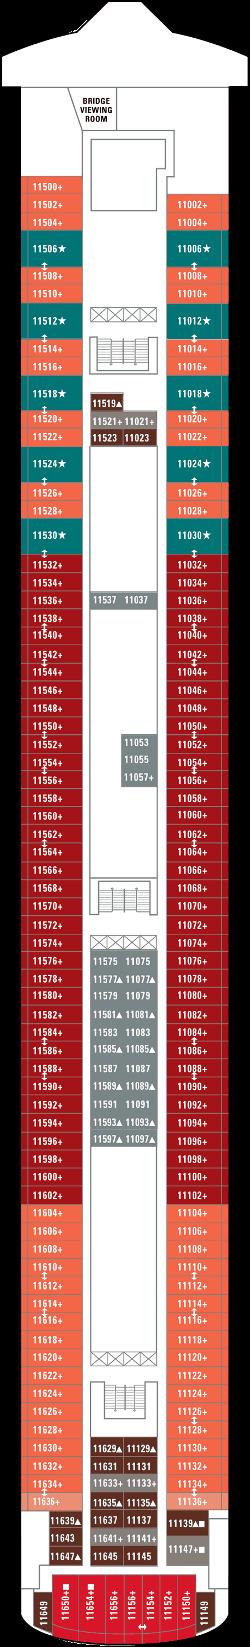 Norwegian Pearl Deck 11: Deck 11